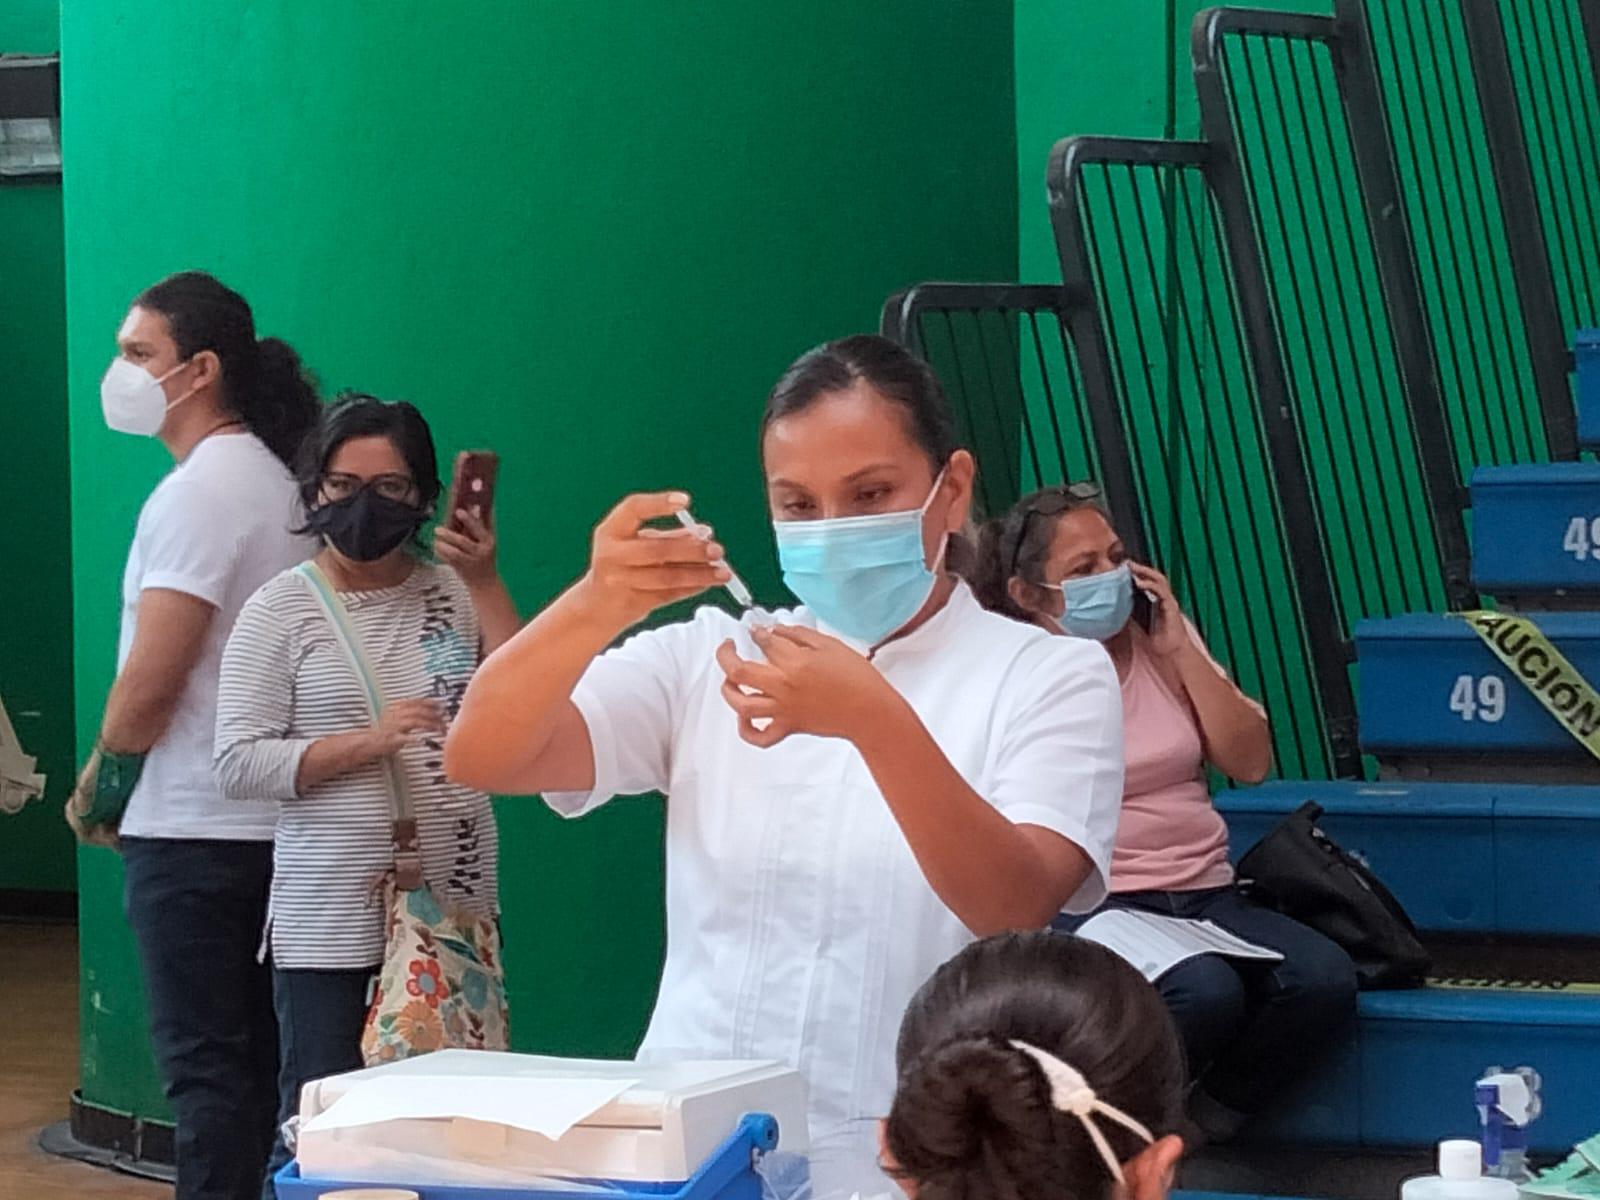 Inicia segunda dosis anticovid para personas de 40 a 49 años en Tuxpan